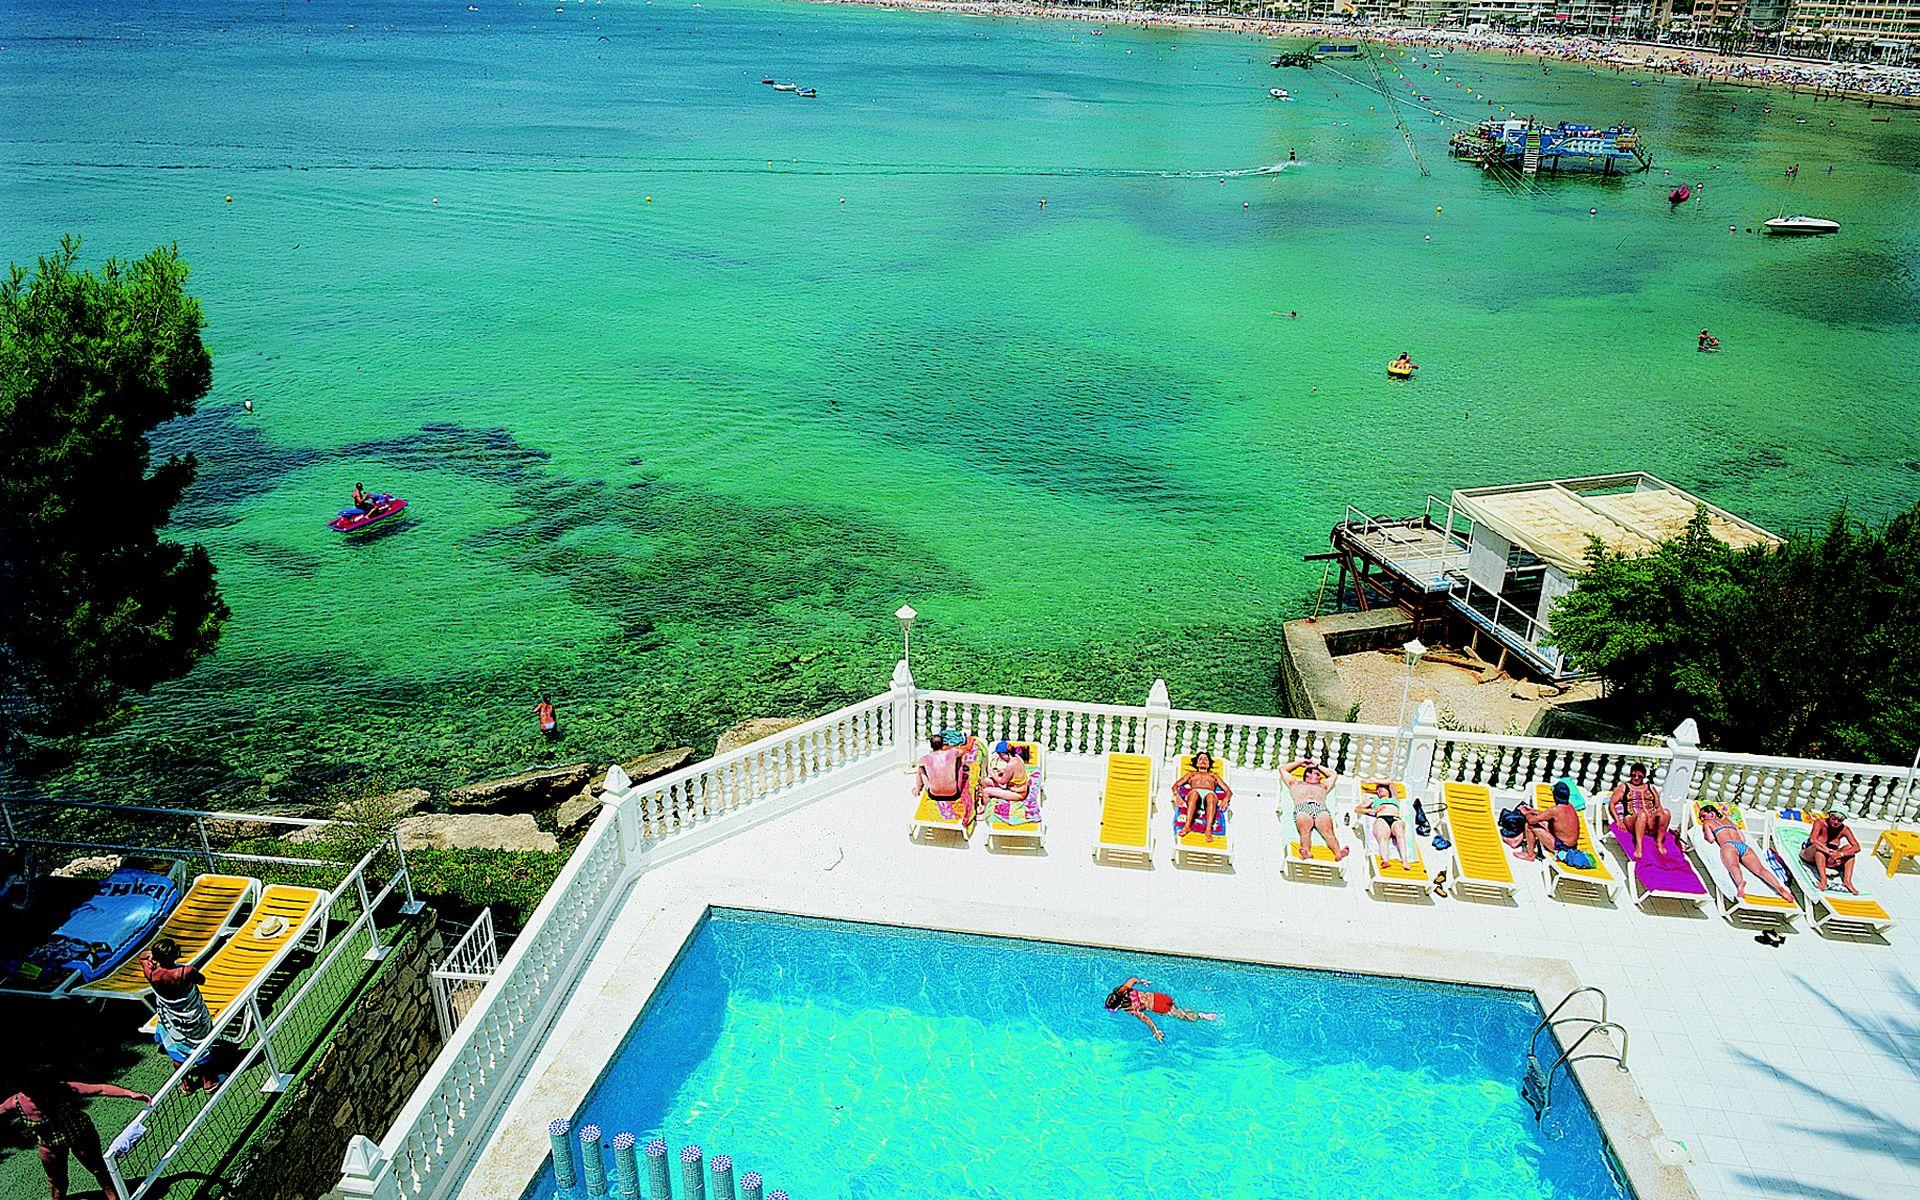 Hotel lido benidorm en benidorm costa blanca desde 23 - Restaurante el puerto benidorm ...